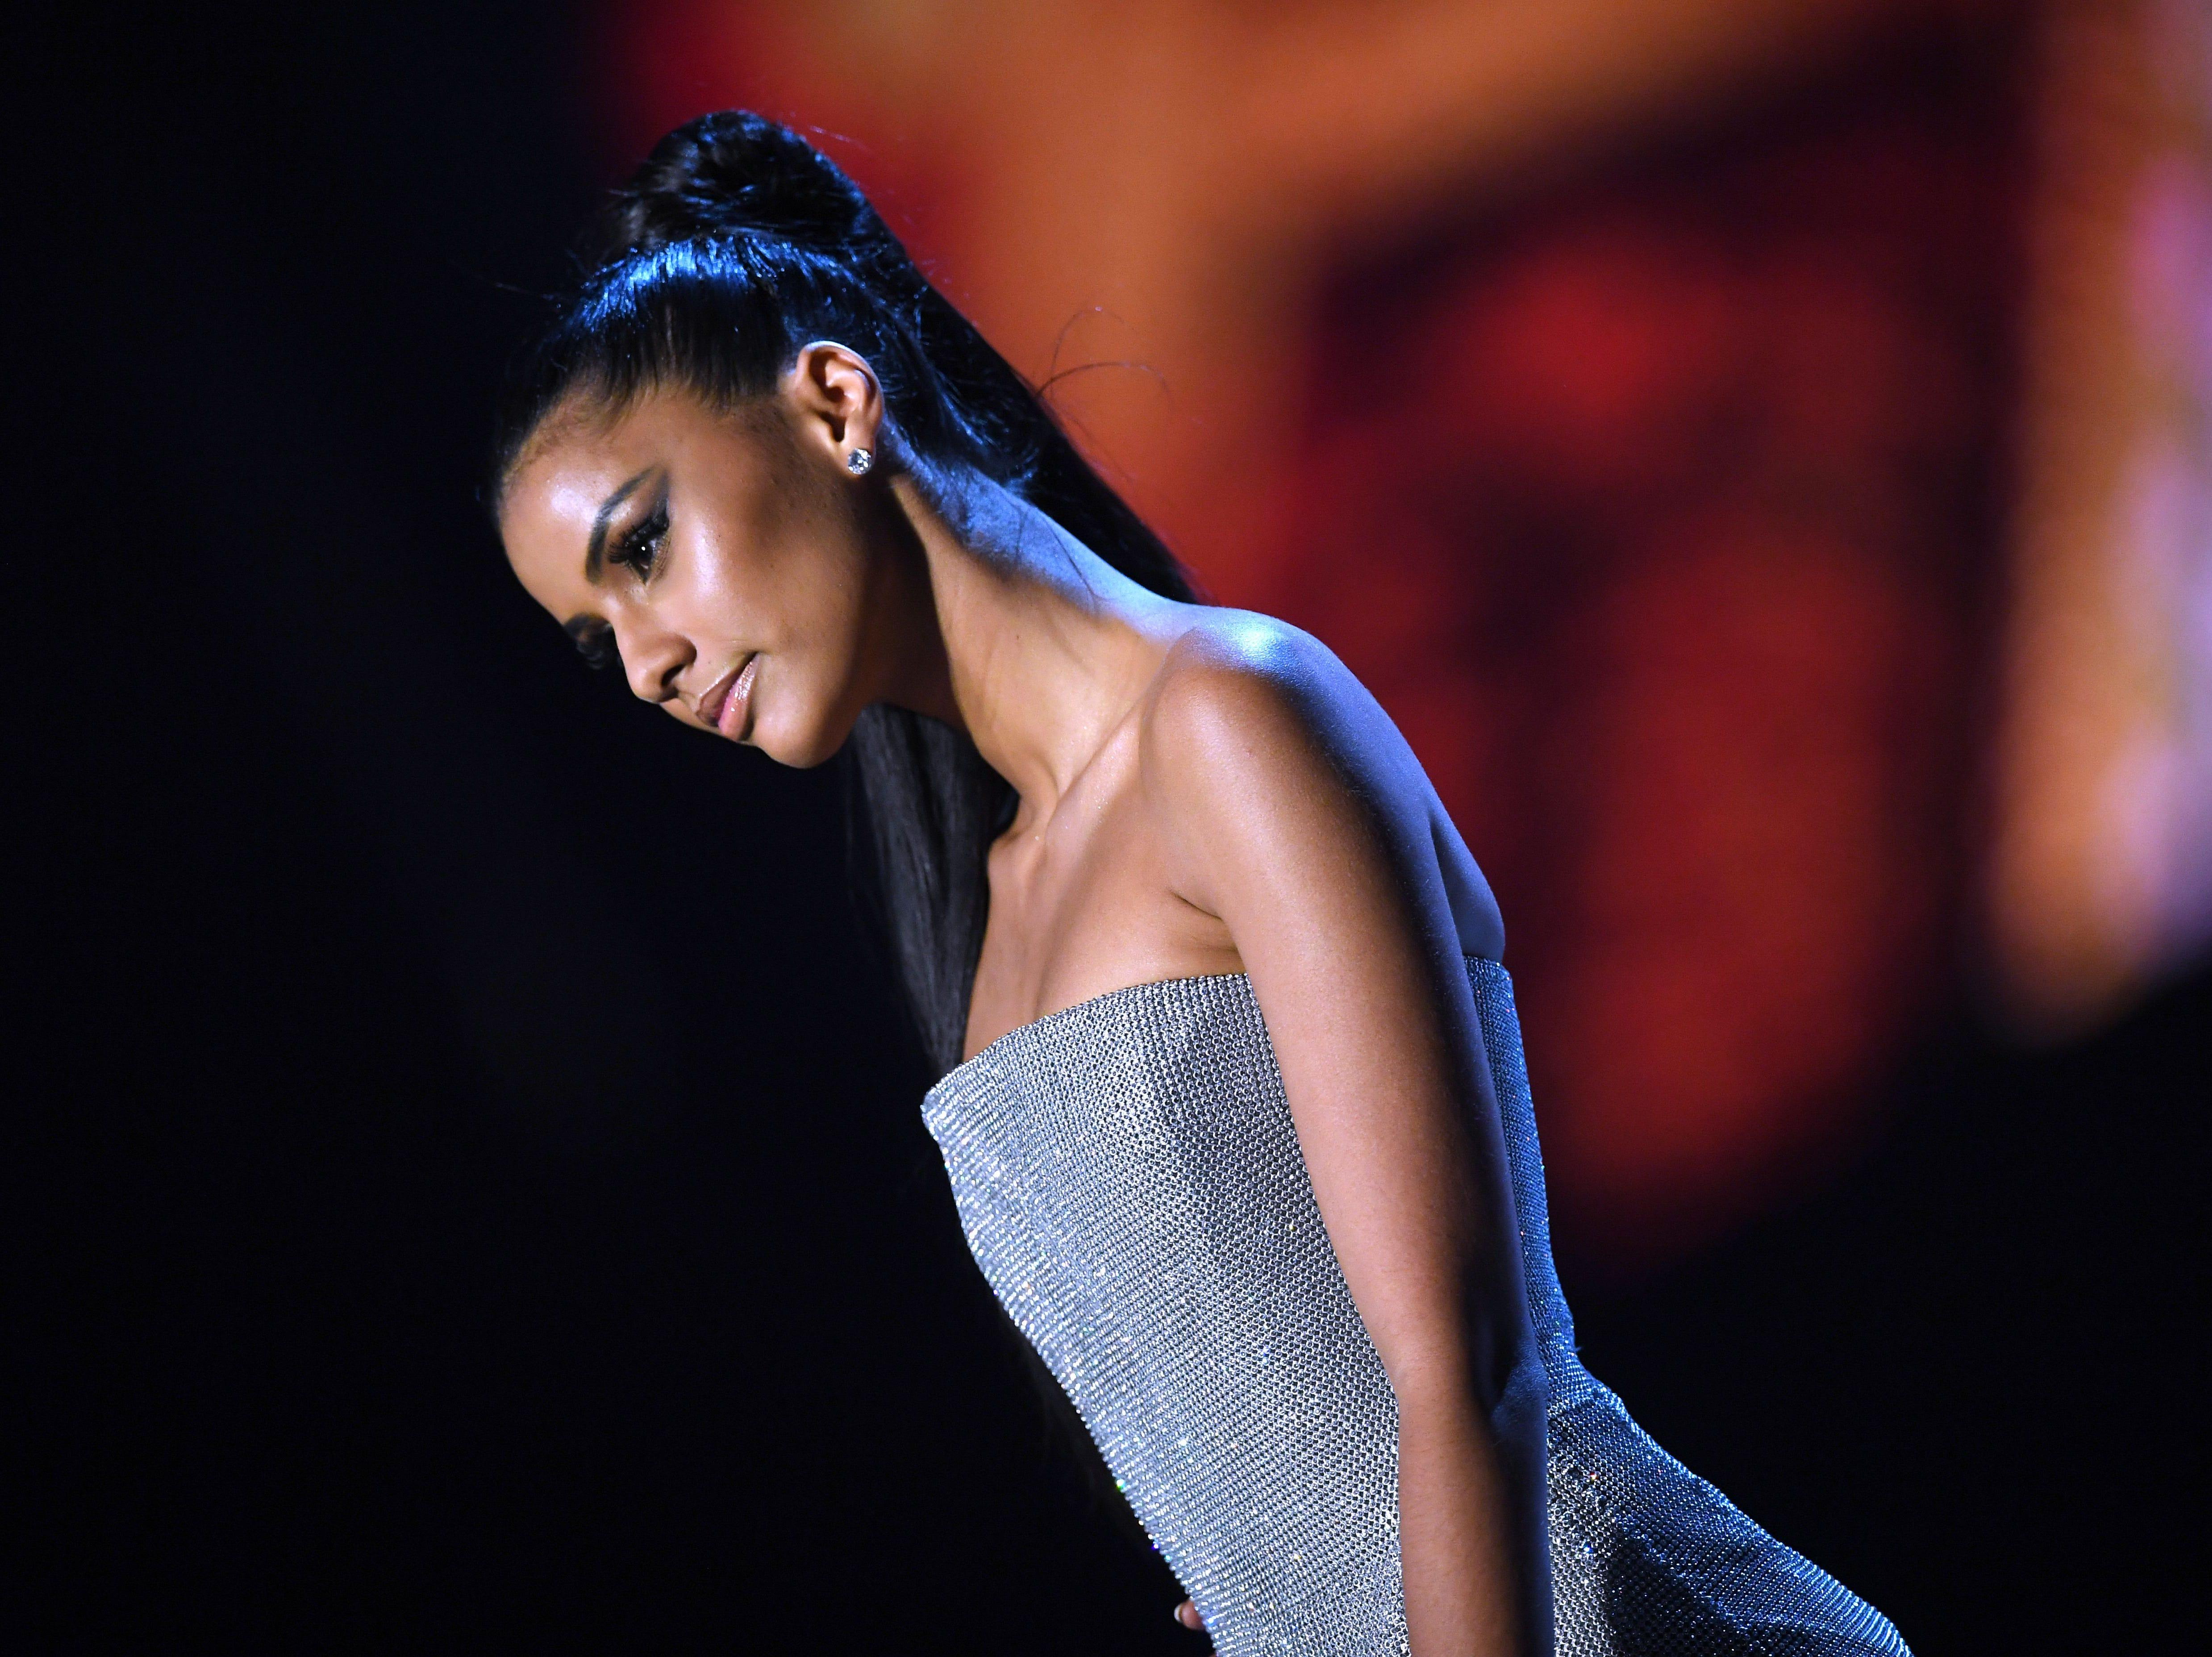 Tamaryn Green de Sudáfrica en la pasarela luego de ser seleccionada como las 10 mejores finalistas durante el concurso Miss Universo 2018 en Bangkok el 17 de diciembre de 2018.